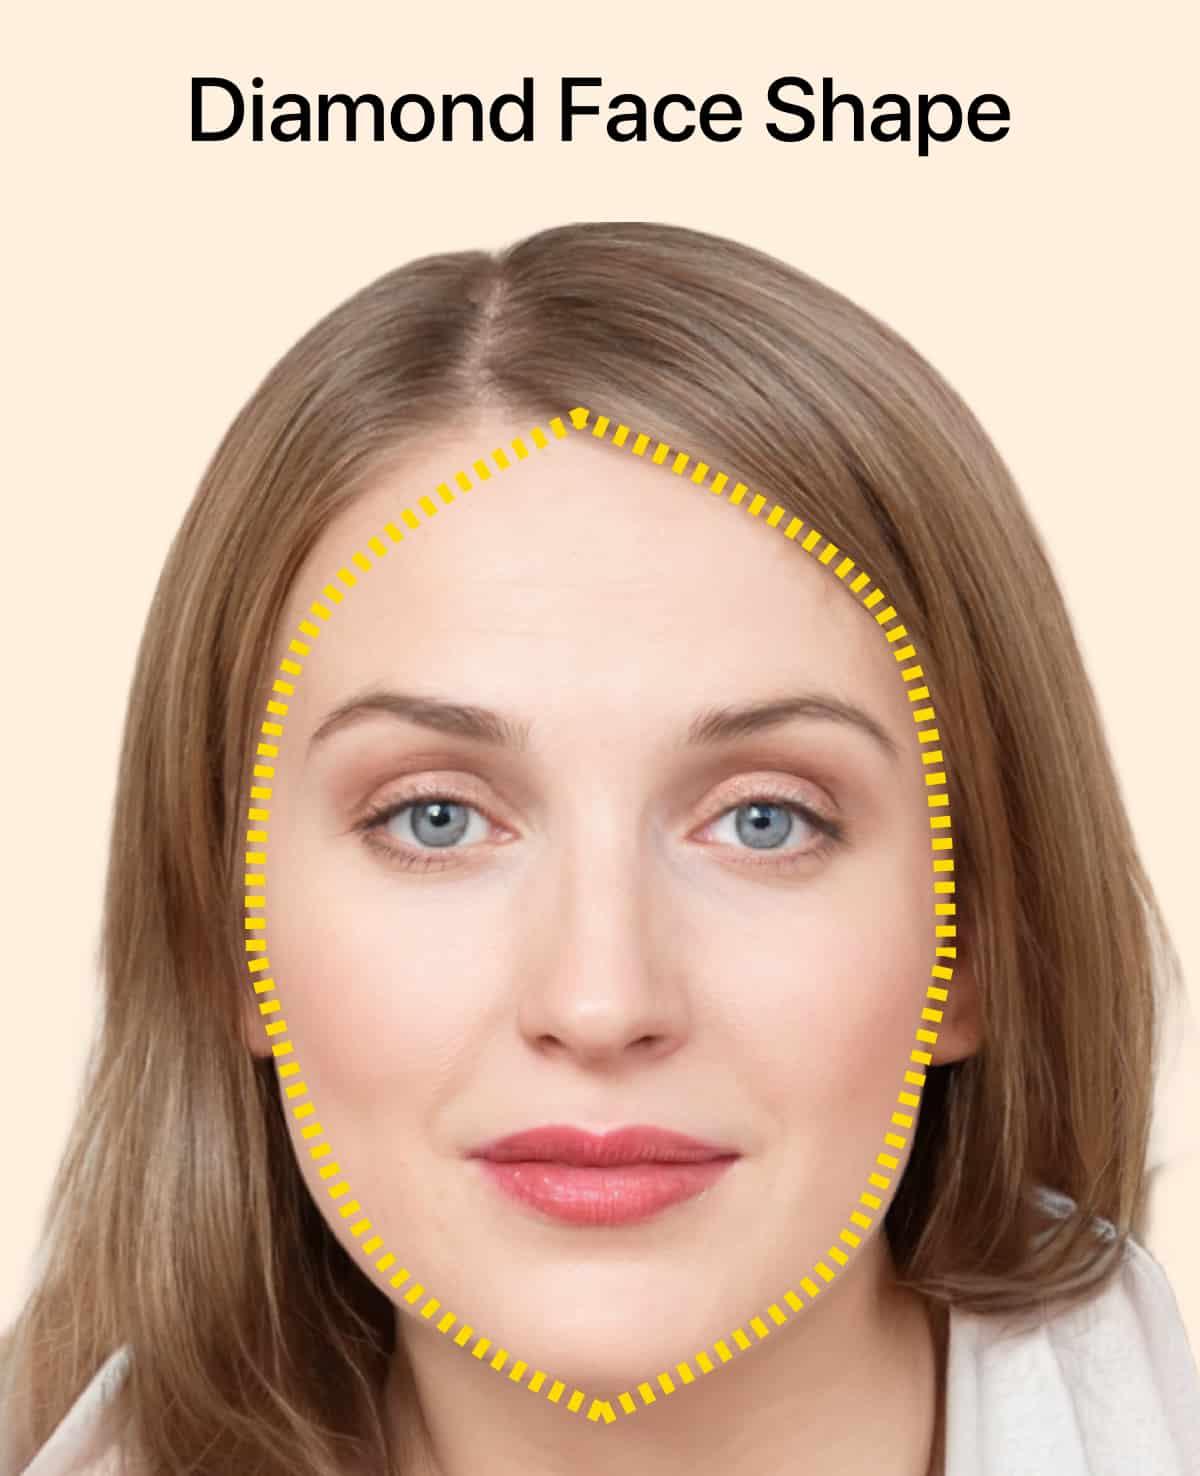 Diamond face shape for women